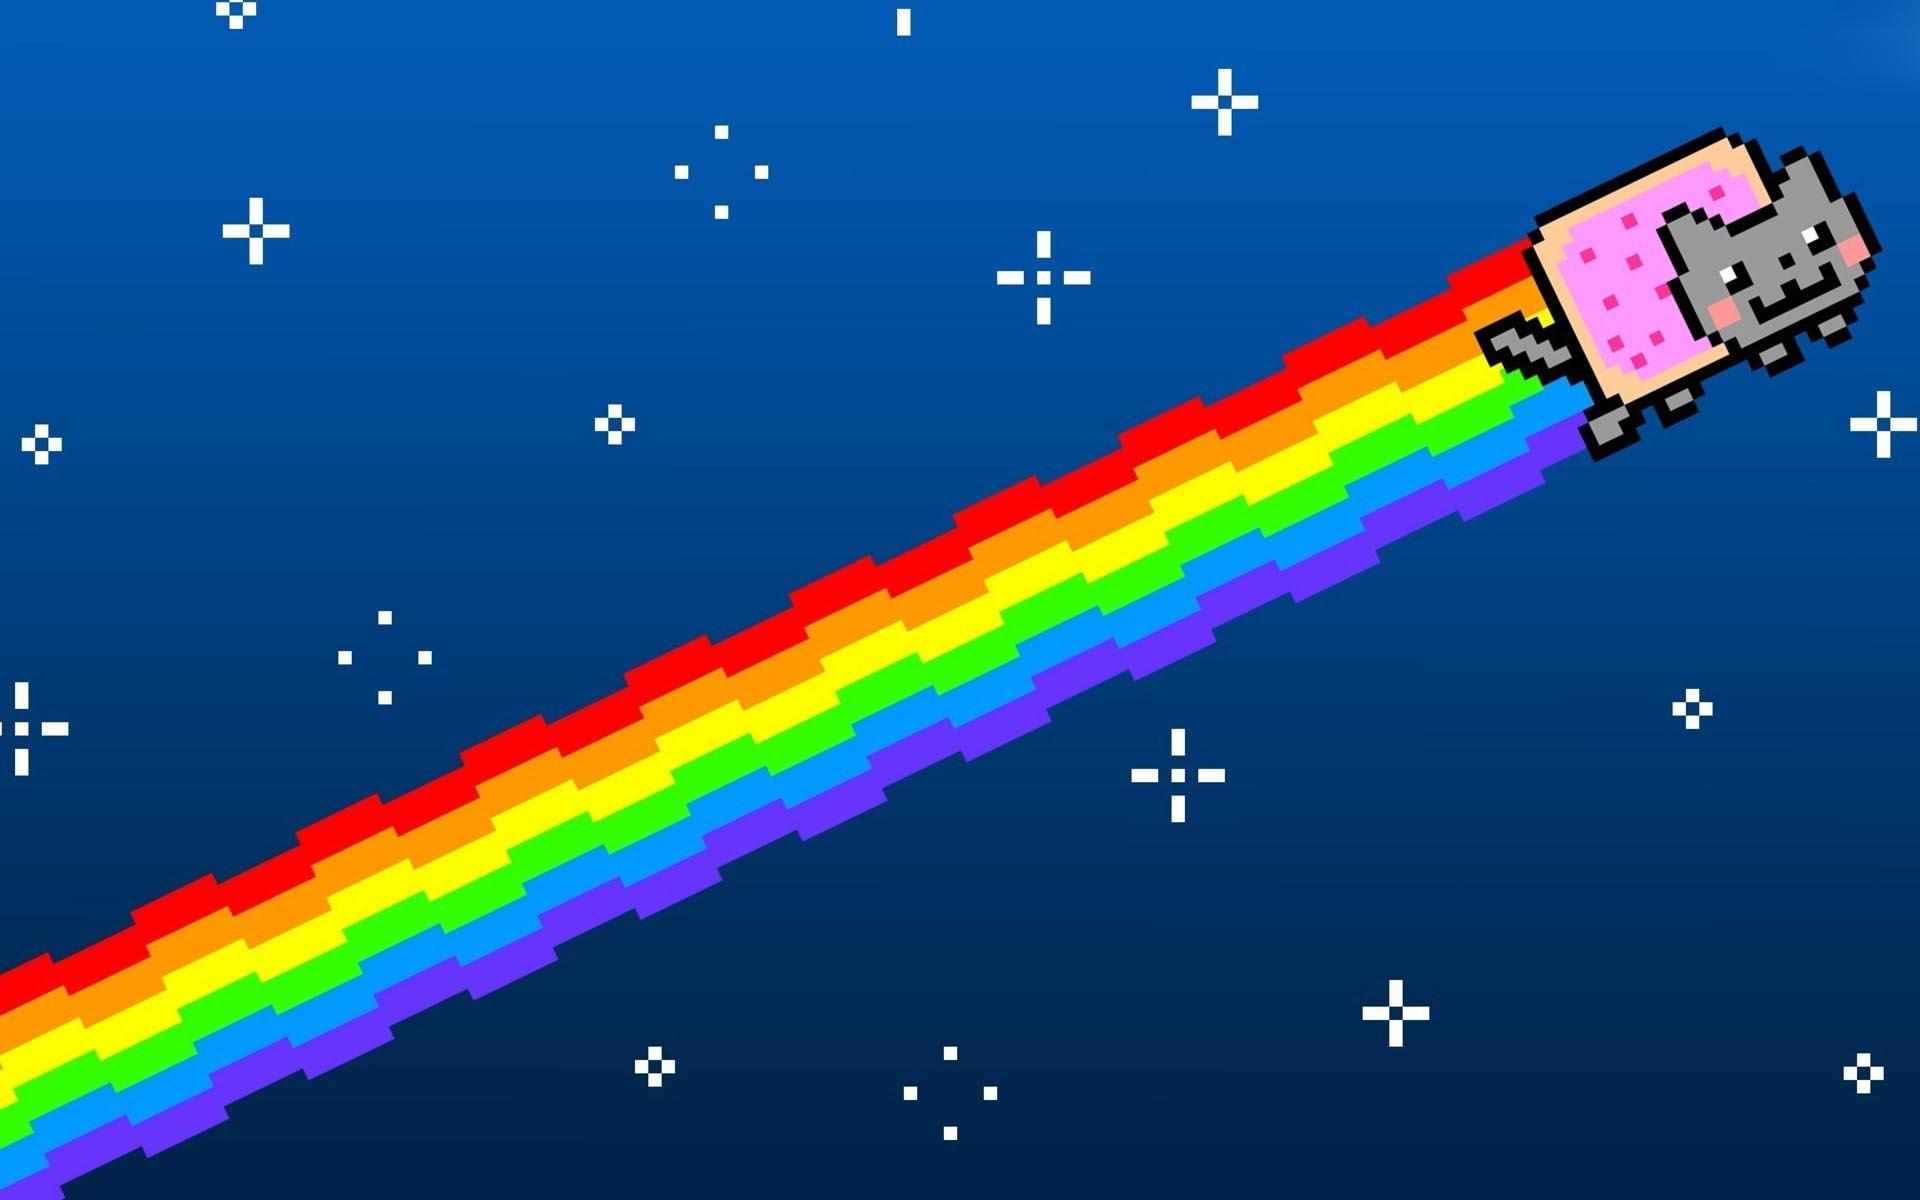 Nyan cat пробежал над Японией и взорвал няшностью твиттер. И это не фотошоп, а редкое природное явление